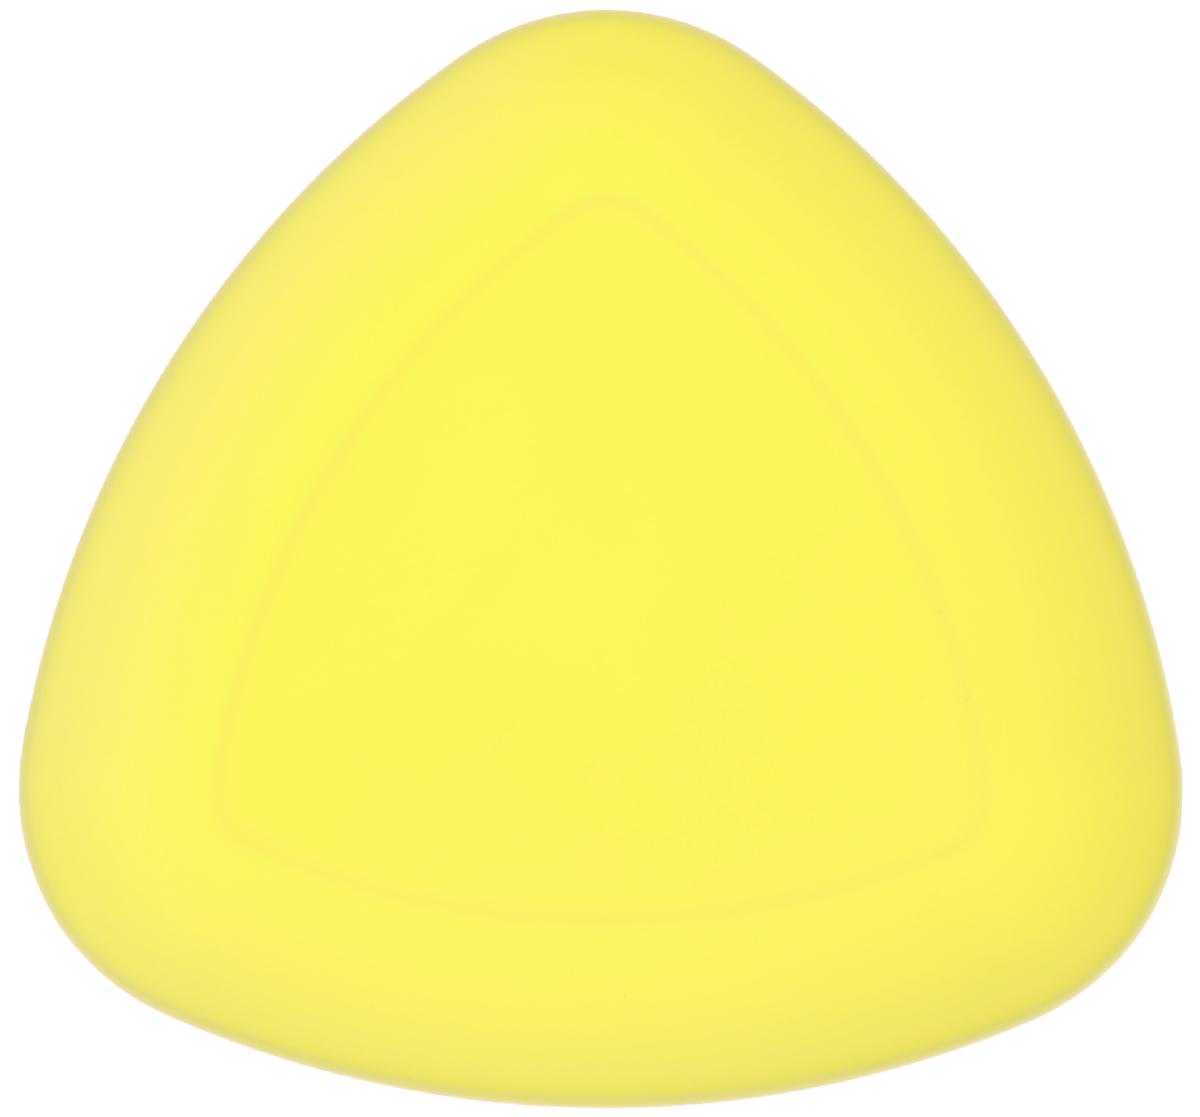 Тарелка Ucsan, треугольная, цвет: желтый, 27 х 27 смM-733_желтыйТреугольная тарелка Ucsan изготовлена из полипропилена и идеально подходит для сервировки стола. Тарелка Ucsan не только украсит ваш кухонный стол и подчеркнет прекрасный вкус хозяйки, но и станет отличным подарком. Можно мыть в посудомоечной машине. Размер тарелки: 27 х 27 см.